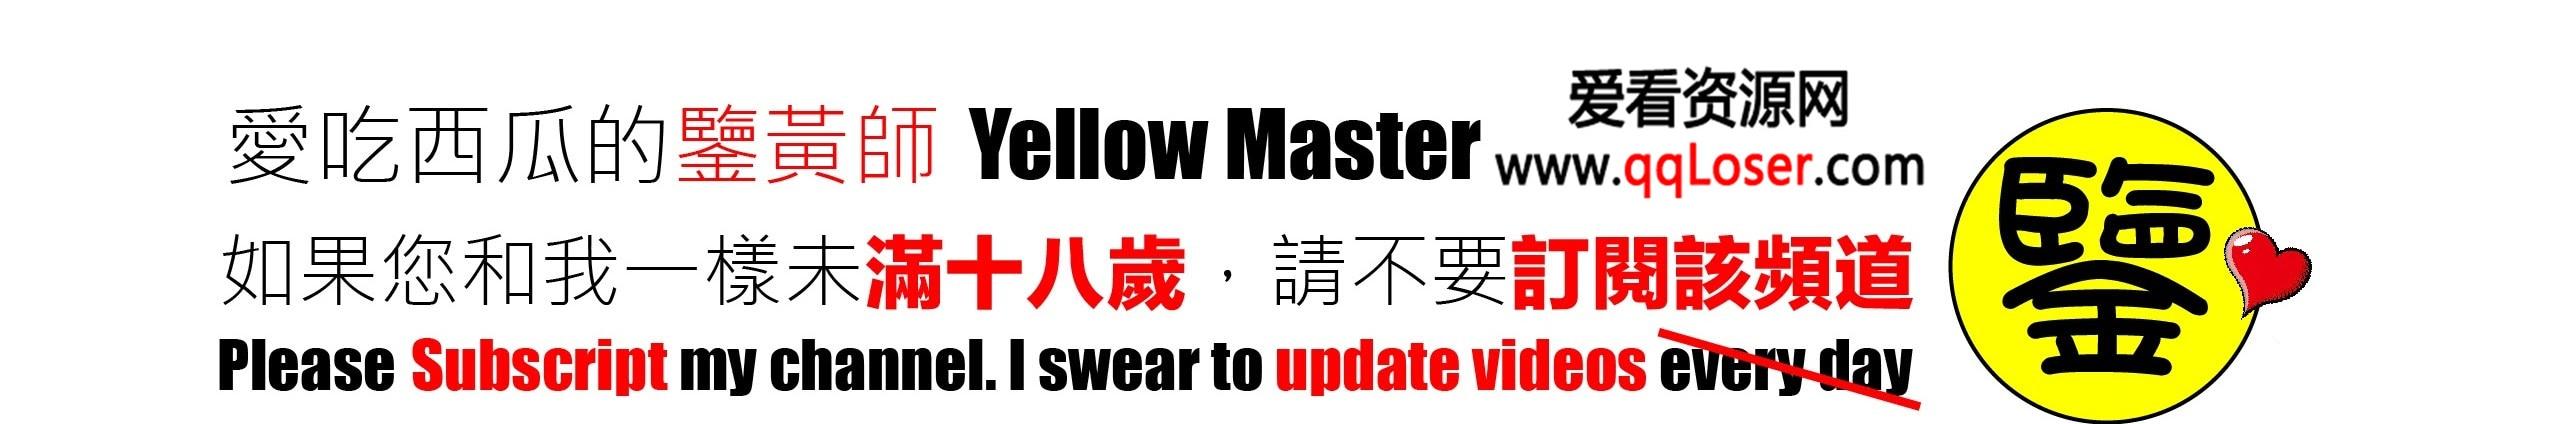 YouTube推荐:爱吃西瓜的鉴黄师Yellow Master[爱看资源网www.qqloser.com整理发布]